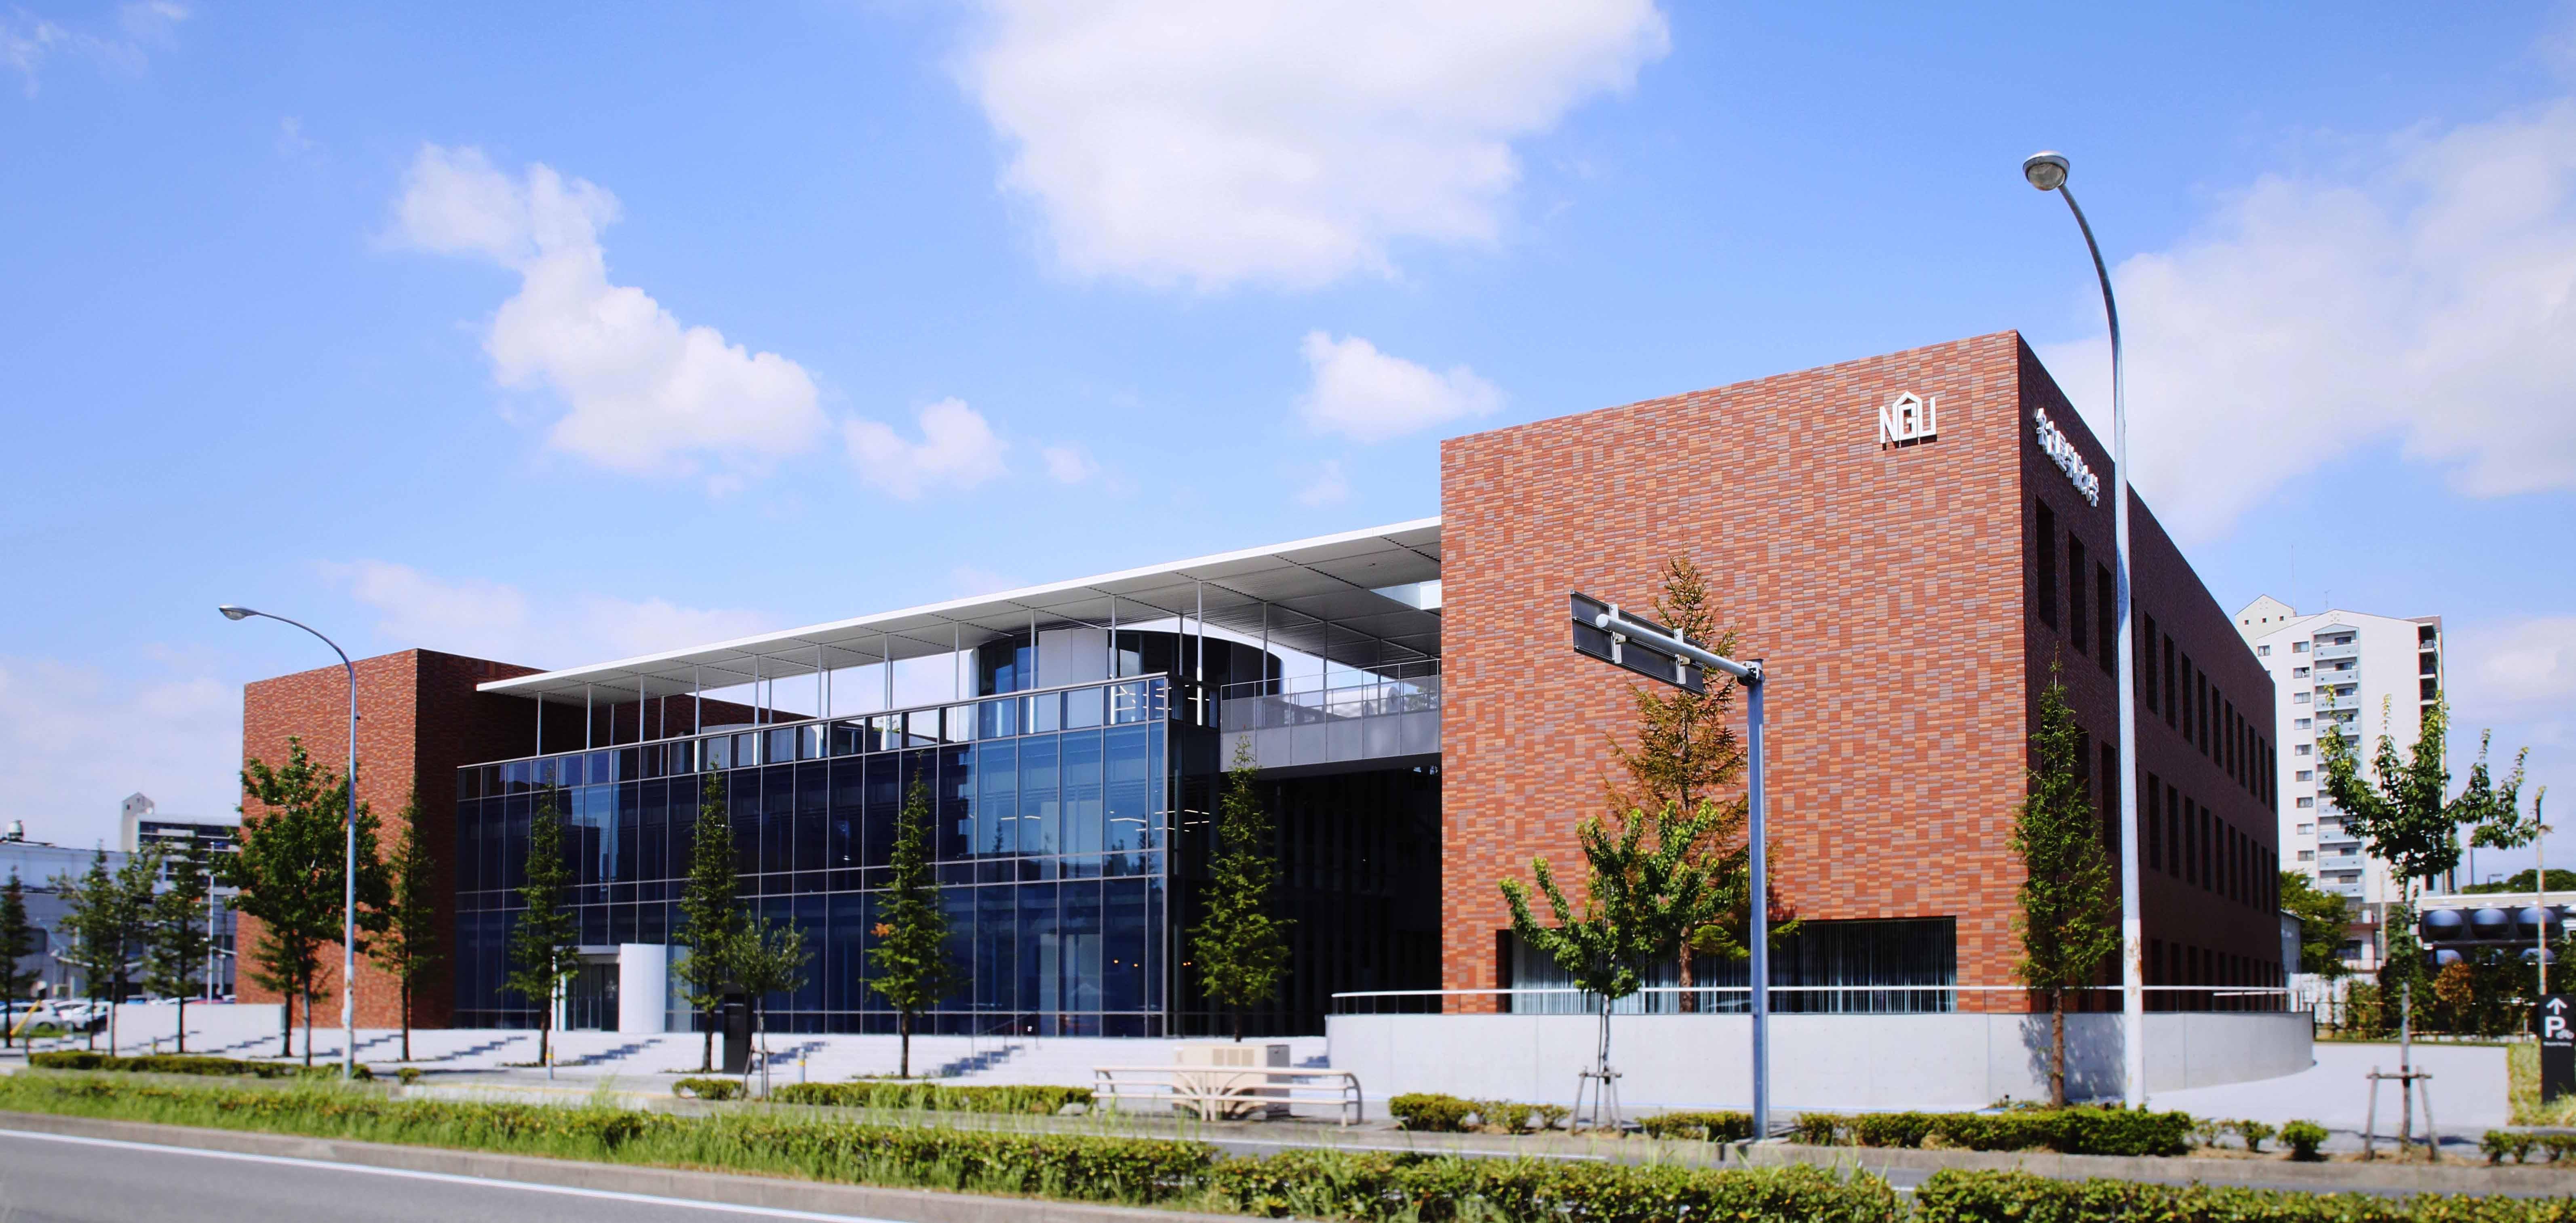 名古屋キャンパスたいほう